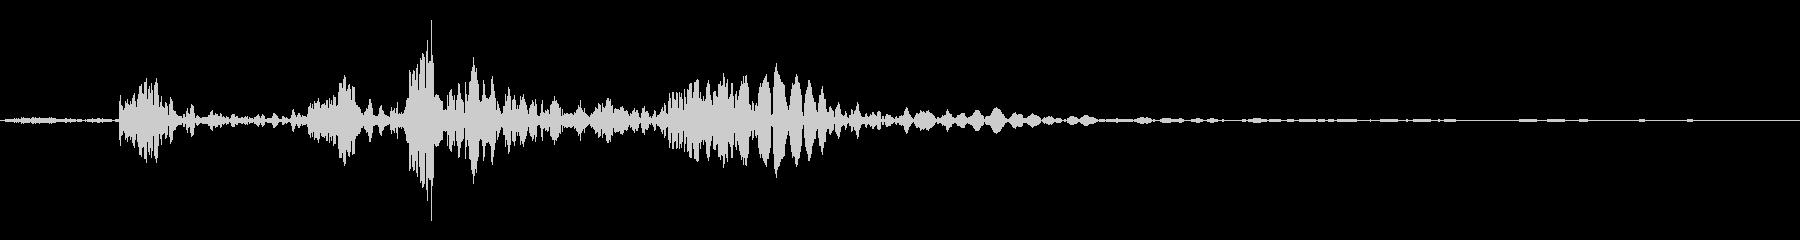 ライトボディフォールグリッティウッ...の未再生の波形